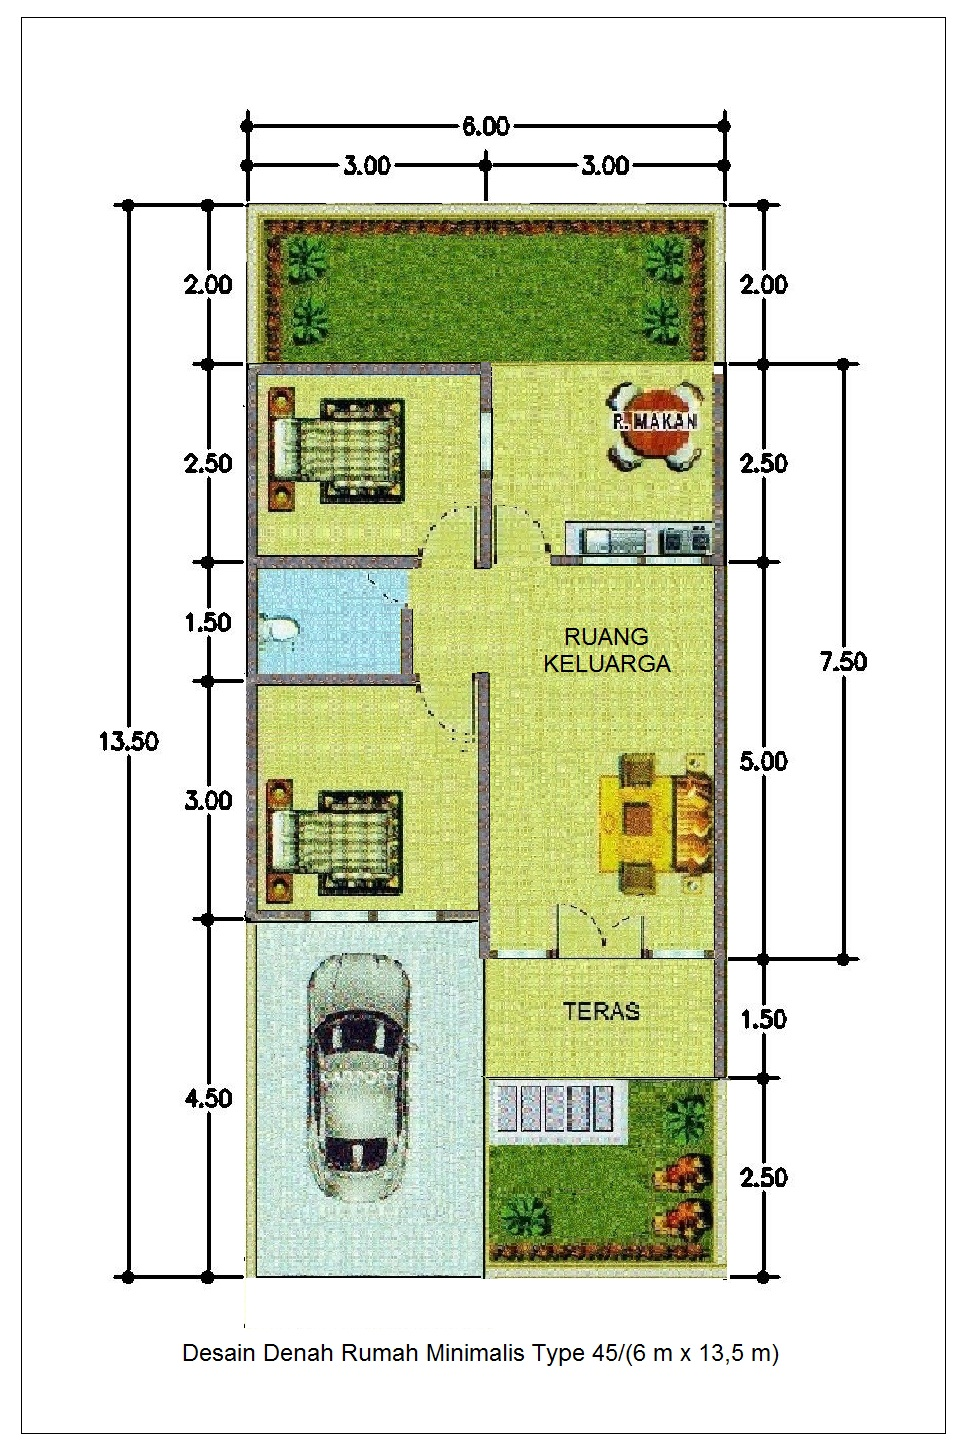 63 Desain Rumah Minimalis Ukuran 7x18